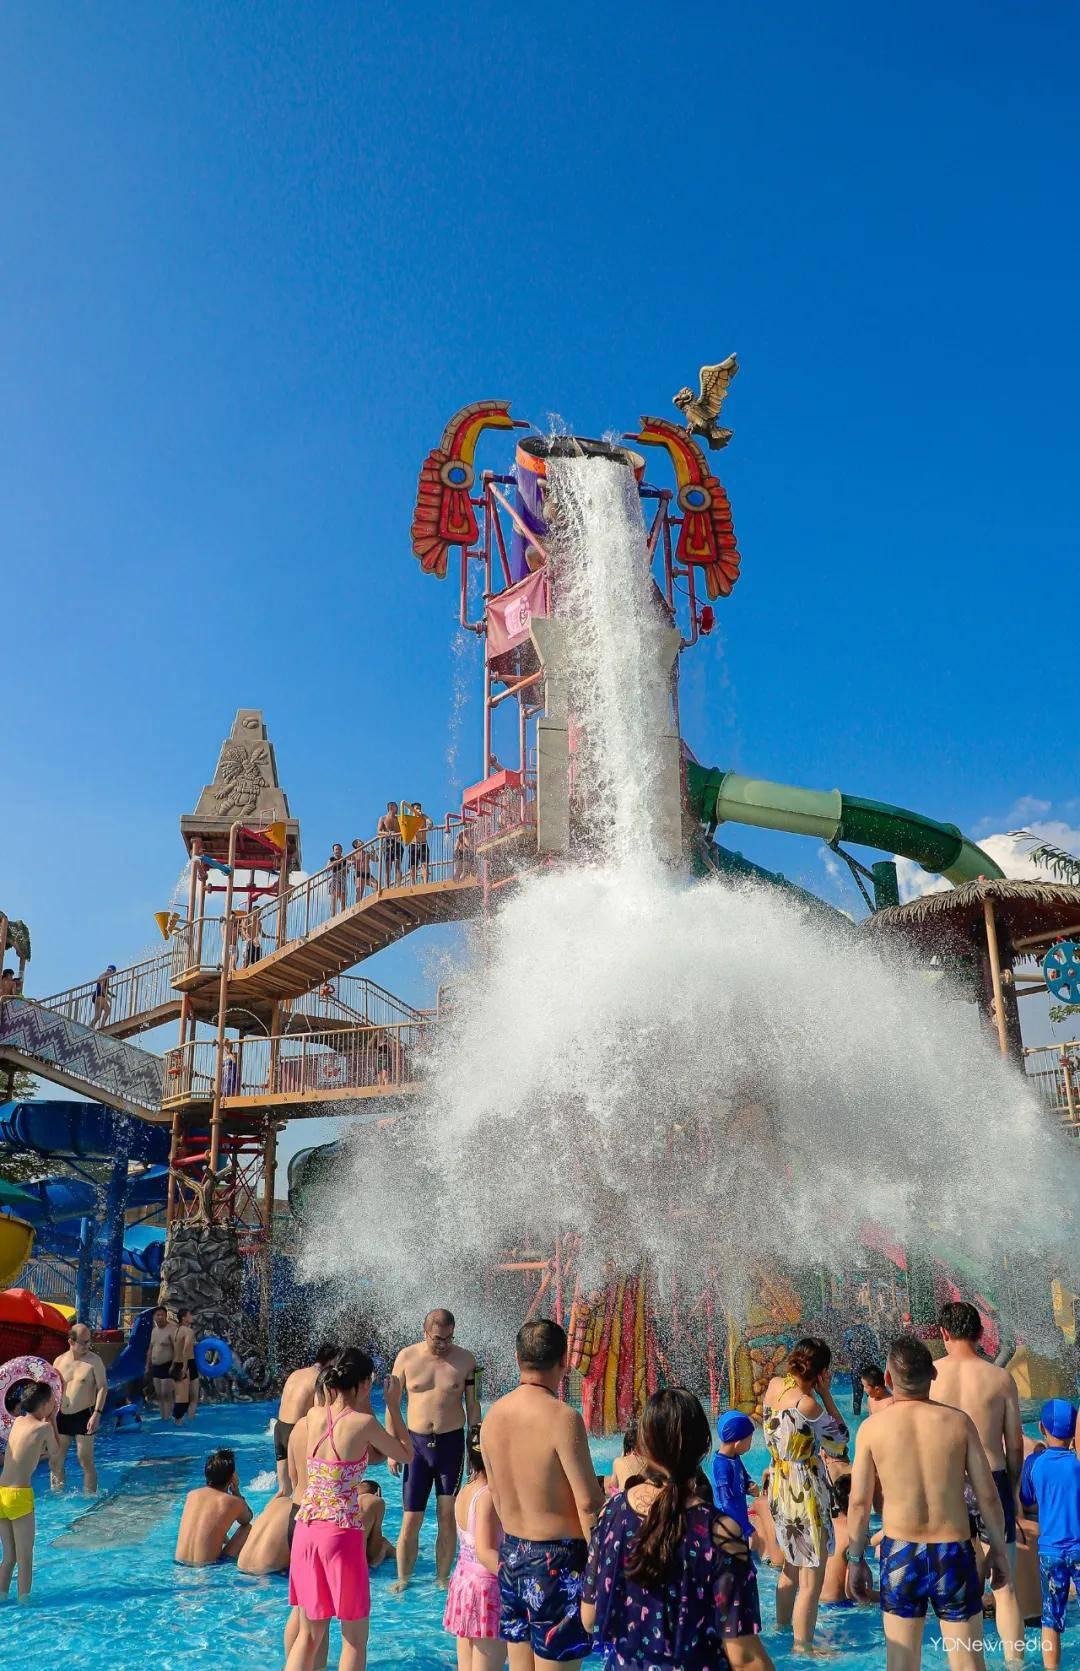 武汉玛雅海滩水公园攻略 这里有关于夏天的一切美好想象